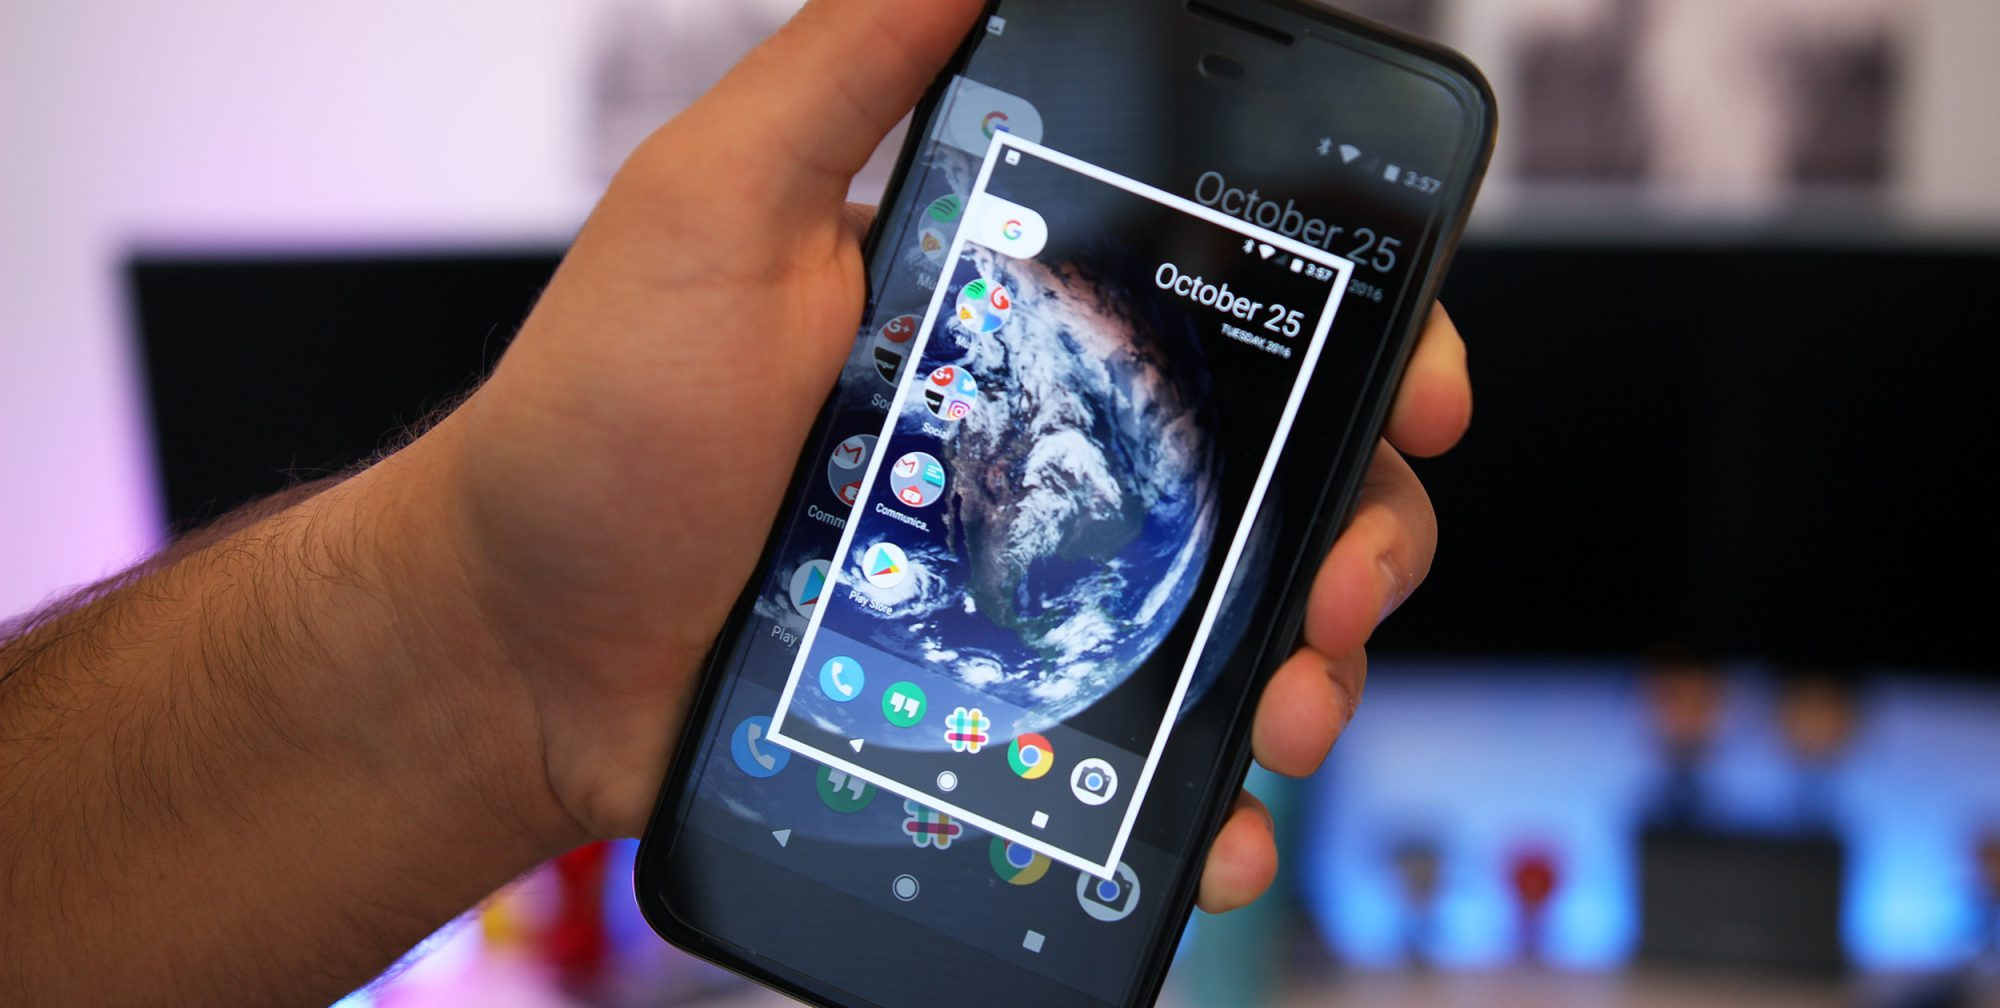 Android Telefonlarda Nasıl Ekran Görüntüsü Alınır?